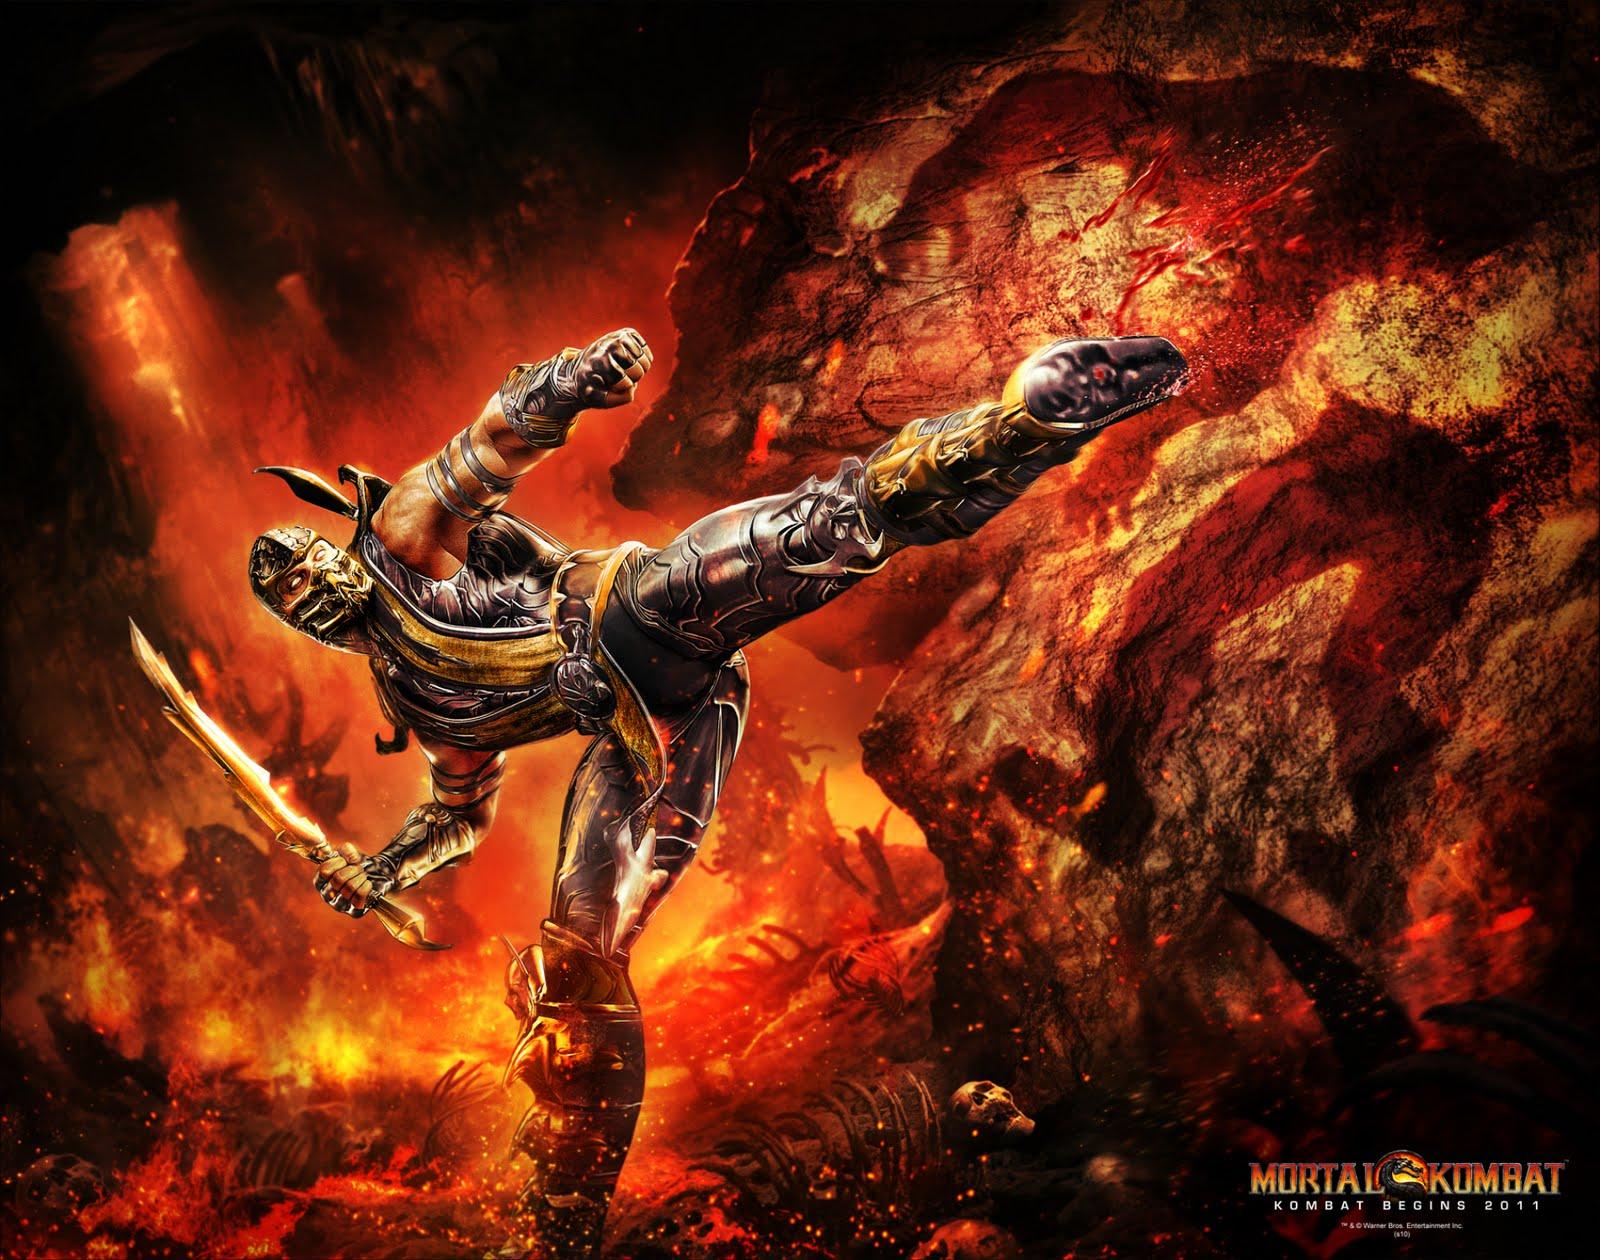 http://2.bp.blogspot.com/-SZYUAURMJWM/Tb0XJBaZ03I/AAAAAAAAARU/NQn90dPReZU/s1600/scorpion+mortal+kombat+2011+wallpaper.jpg